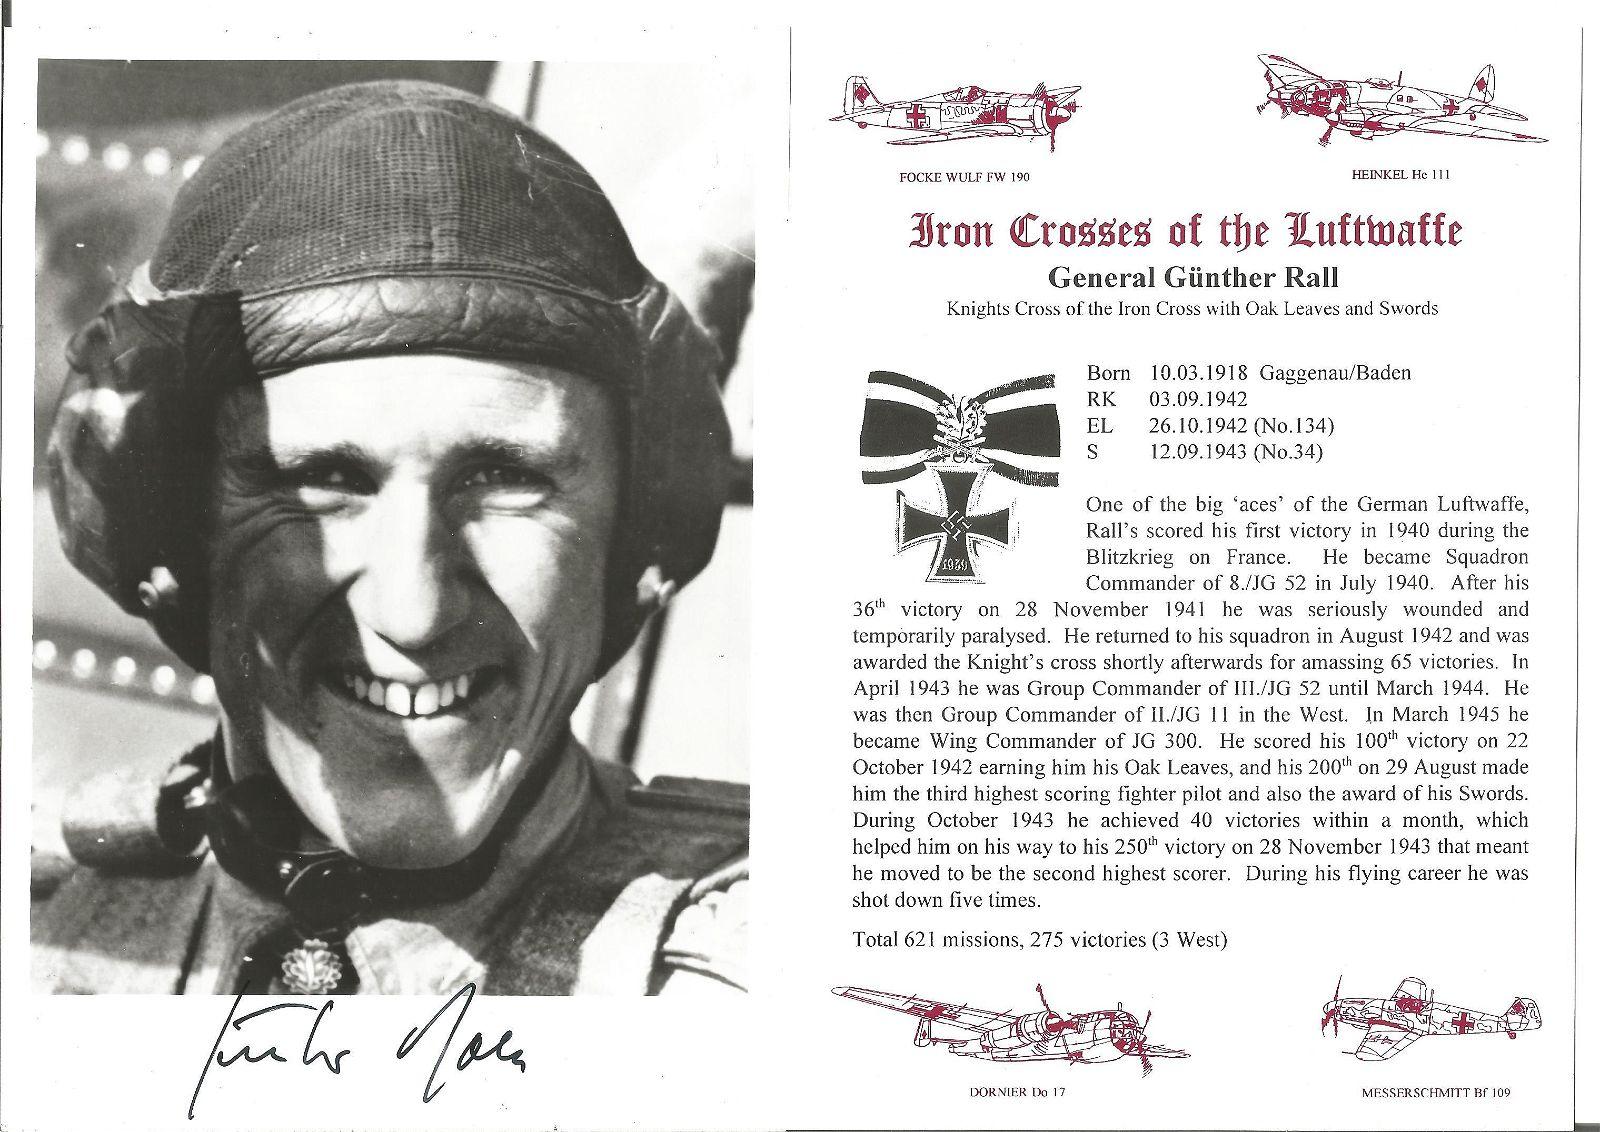 General Gunther Rall, KC, WW2 Luftwaffe, 621 combat